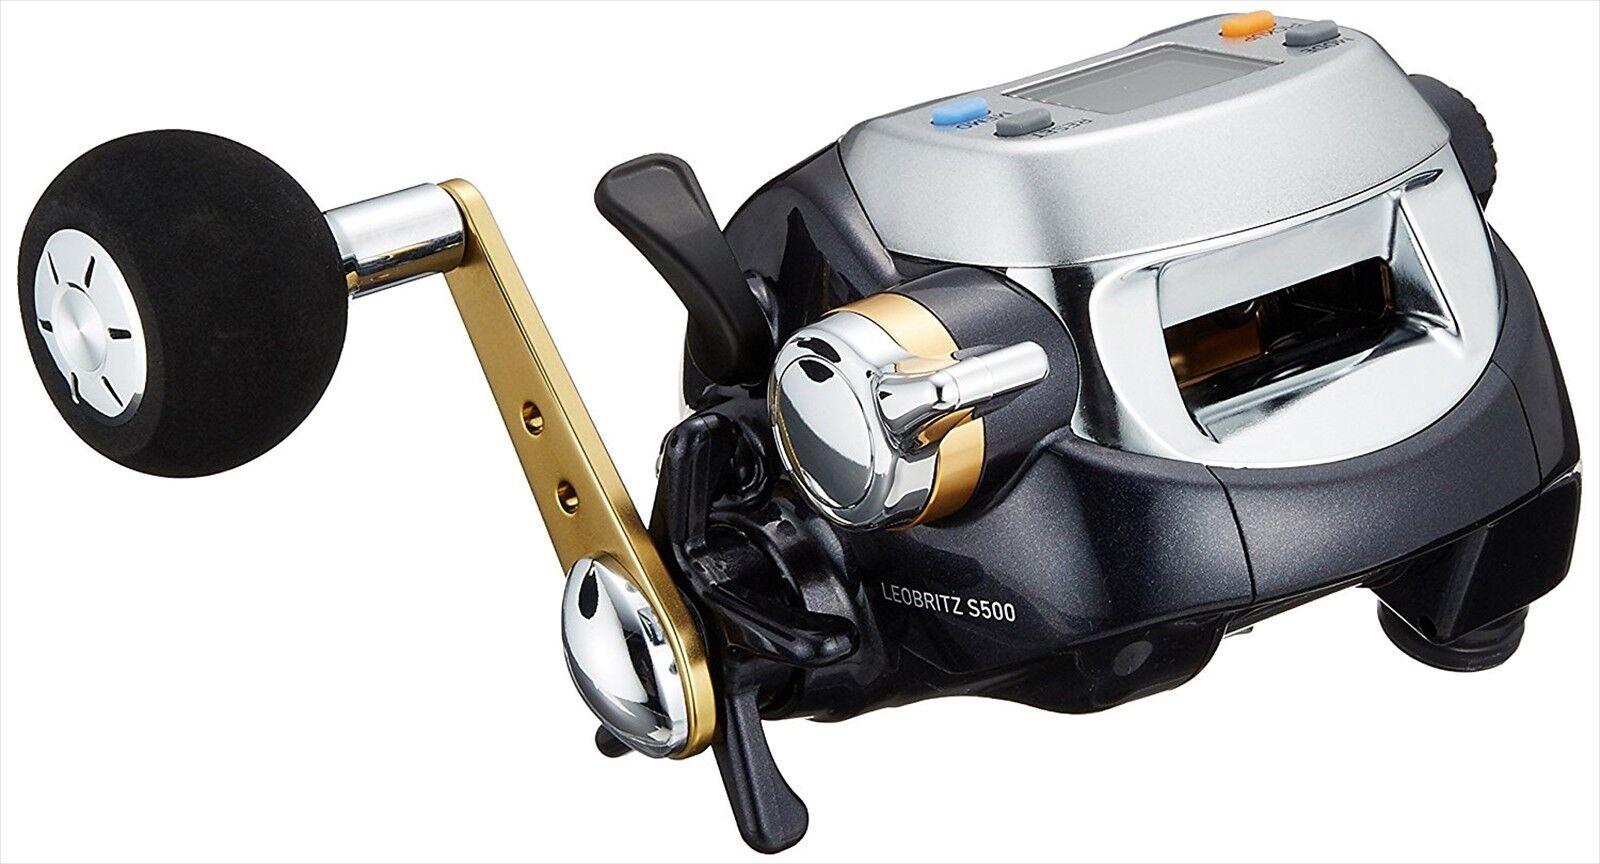 Daiwa leobritz S500 Pesca Cocherete Electrico Japón Japón con seguimiento Nuevo